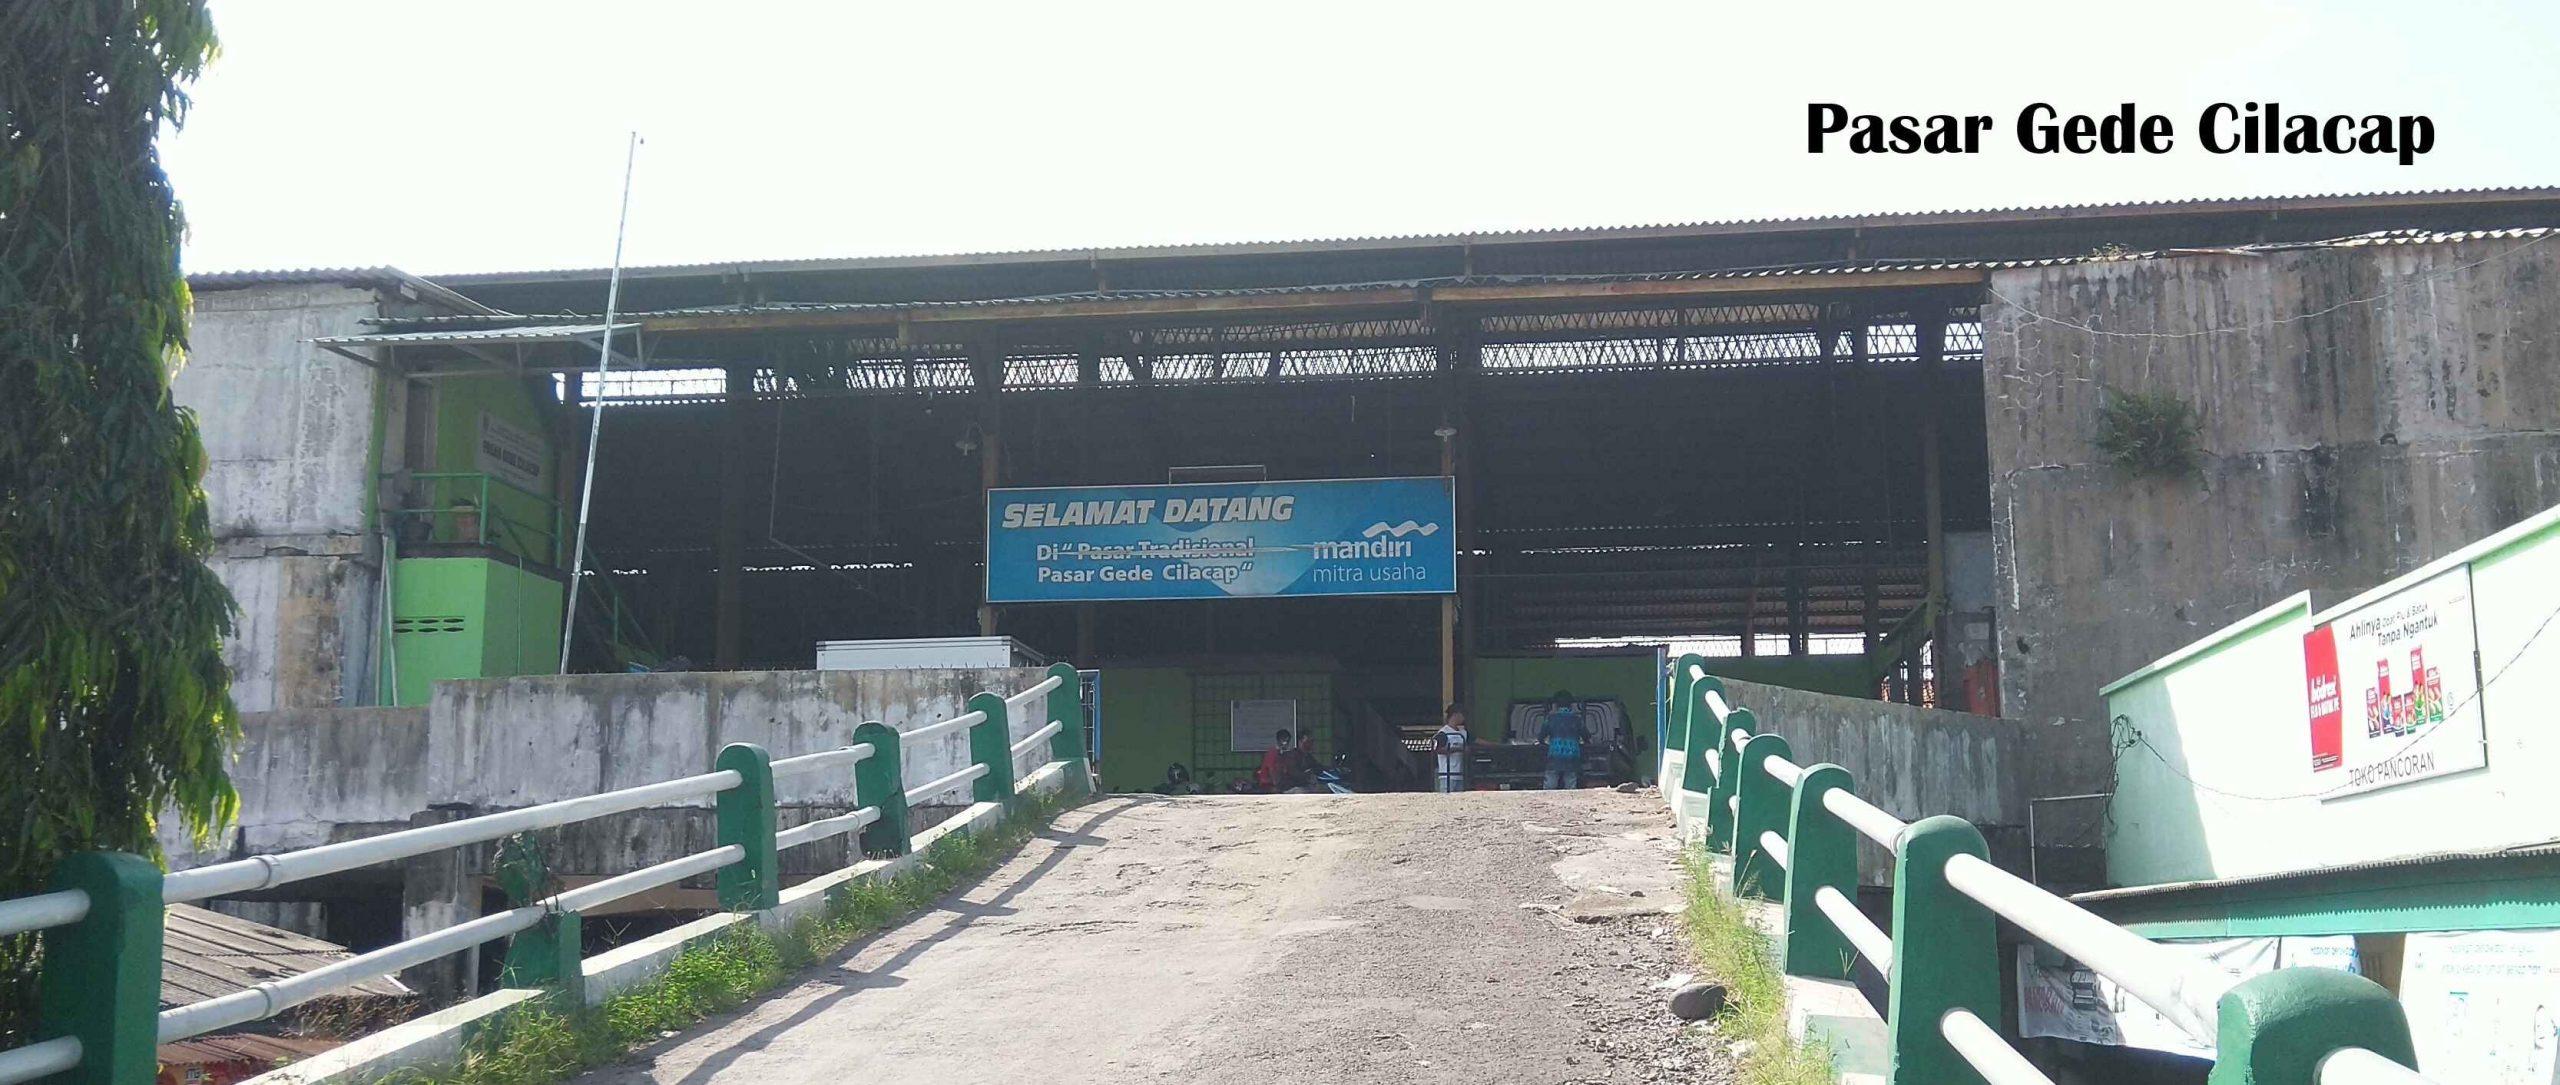 Pasar Gede Cilacap